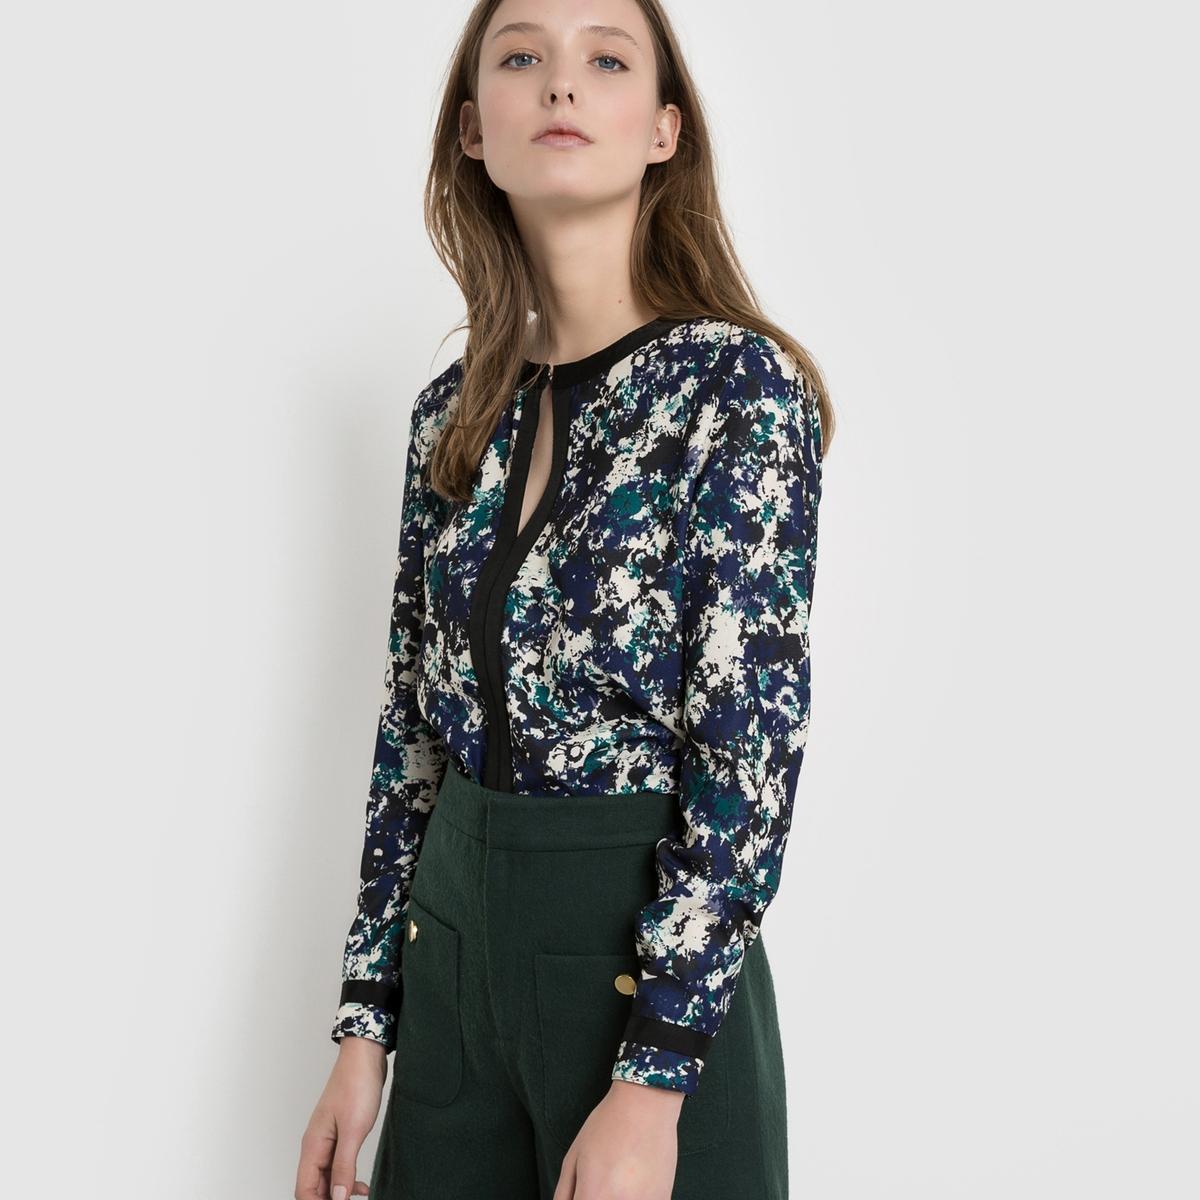 Блузка с рисунком и длинными рукавамиУходМашинная стирка при 30°C на деликатном режиме с одеждой подобного цвета Машинная сушка запрещена.Гладить с изнанки при 110°C максимально<br><br>Цвет: набивной рисунок<br>Размер: M